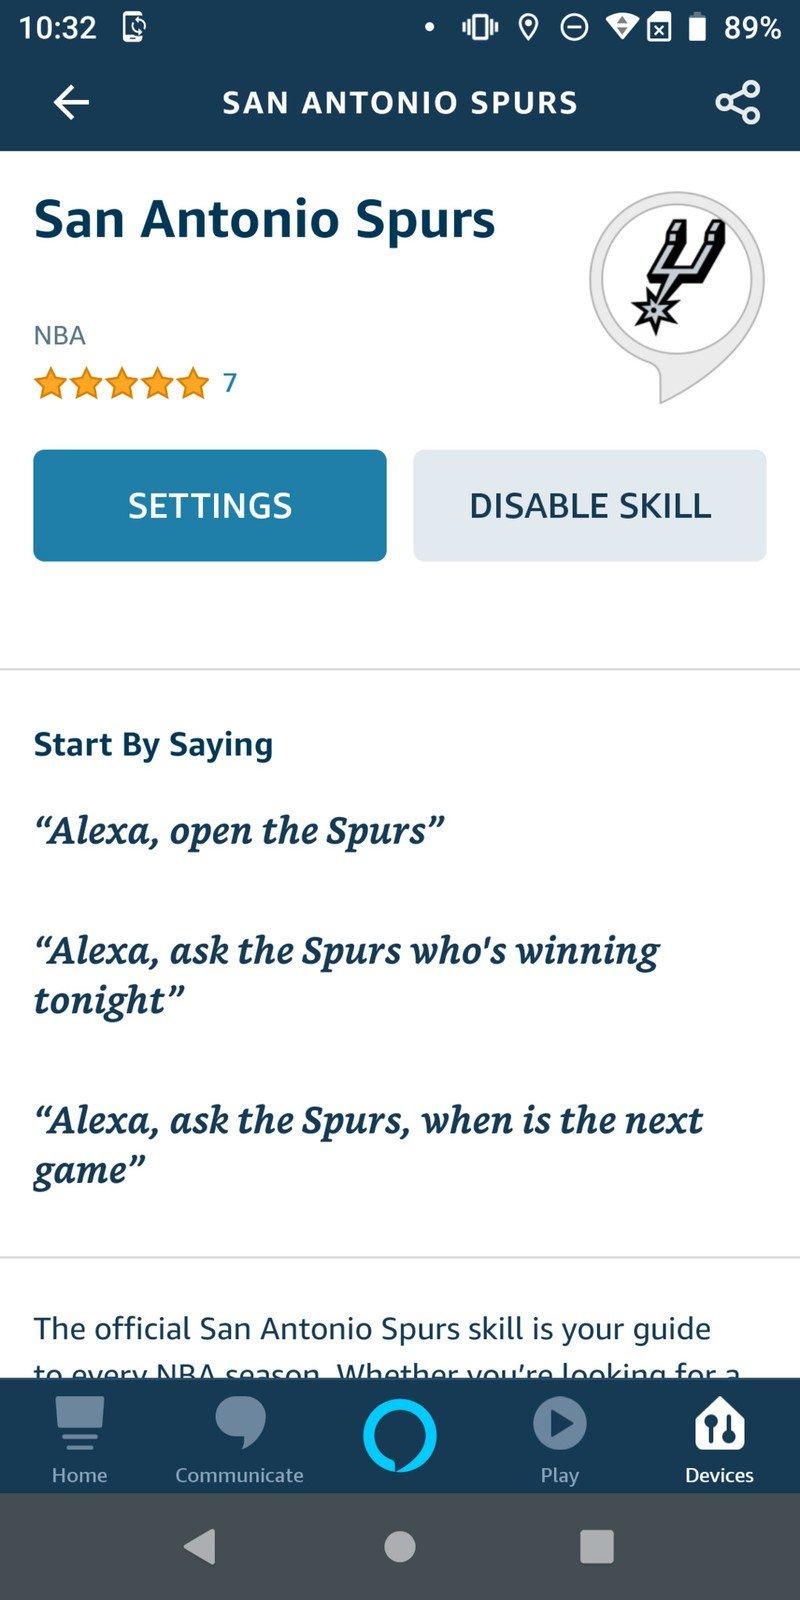 alexa-skills-sports-4.jpg?itok=bnAW4GPI